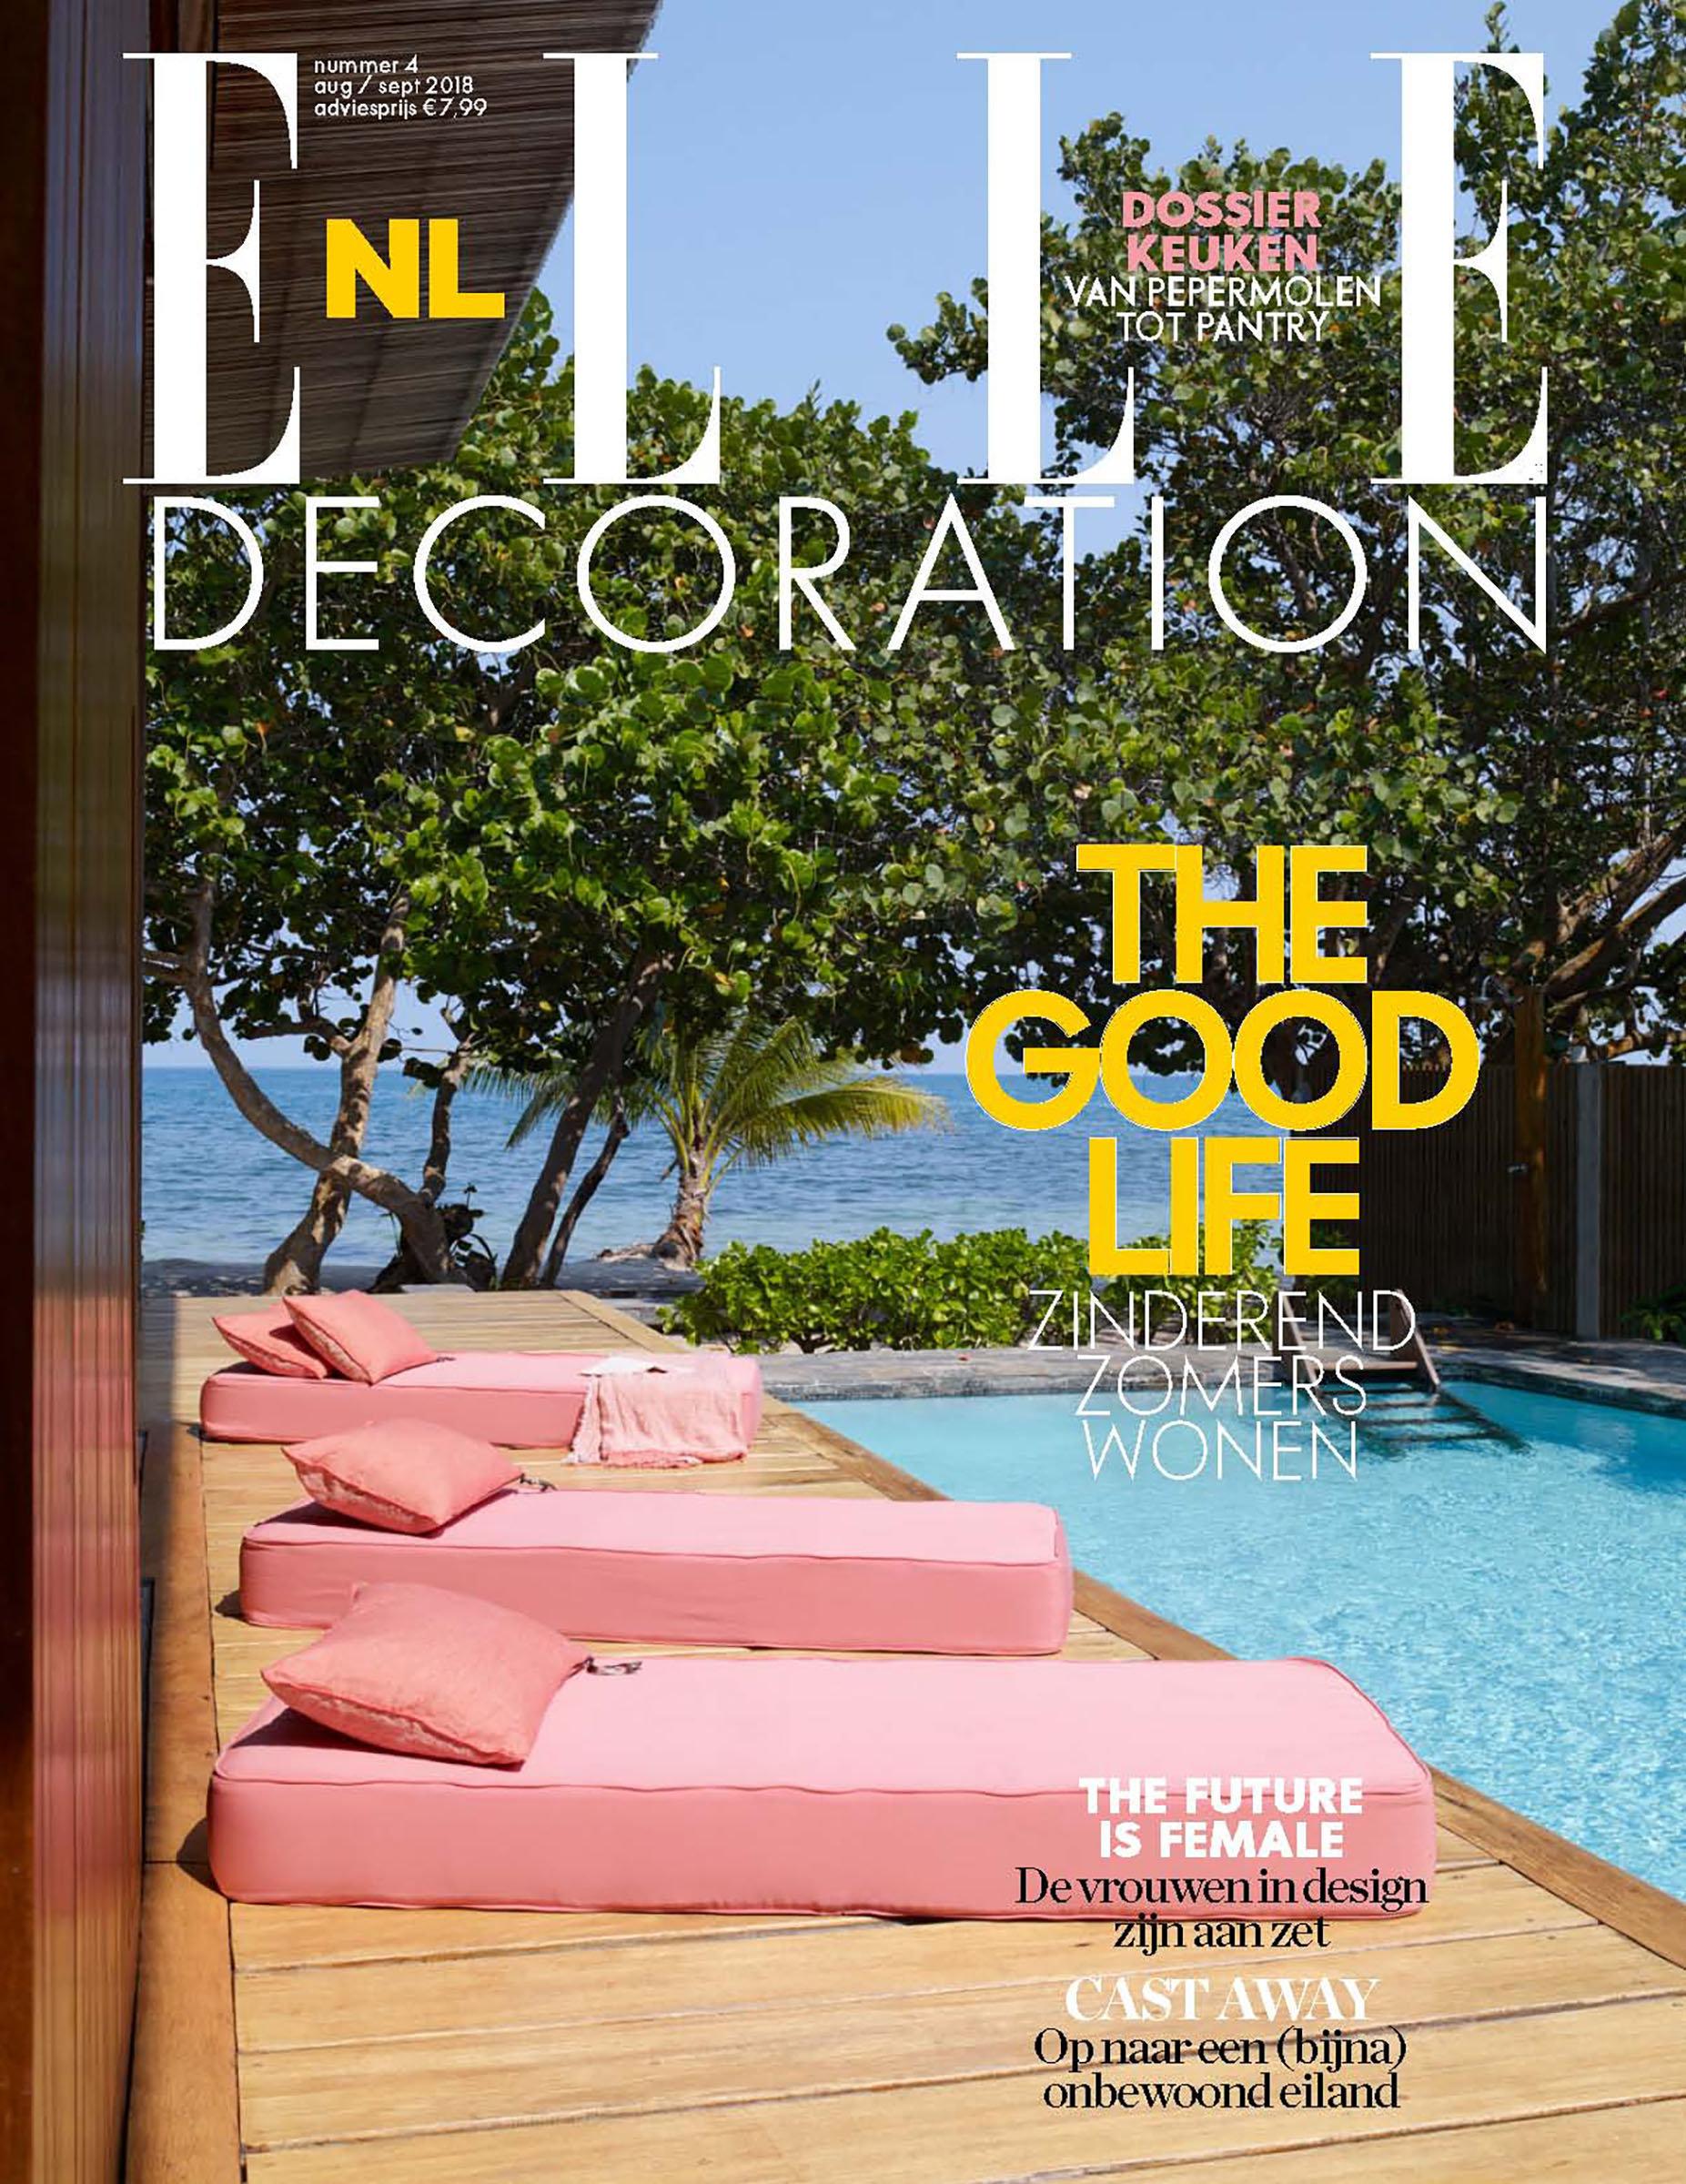 Elle Decoration NL_cover.jpg